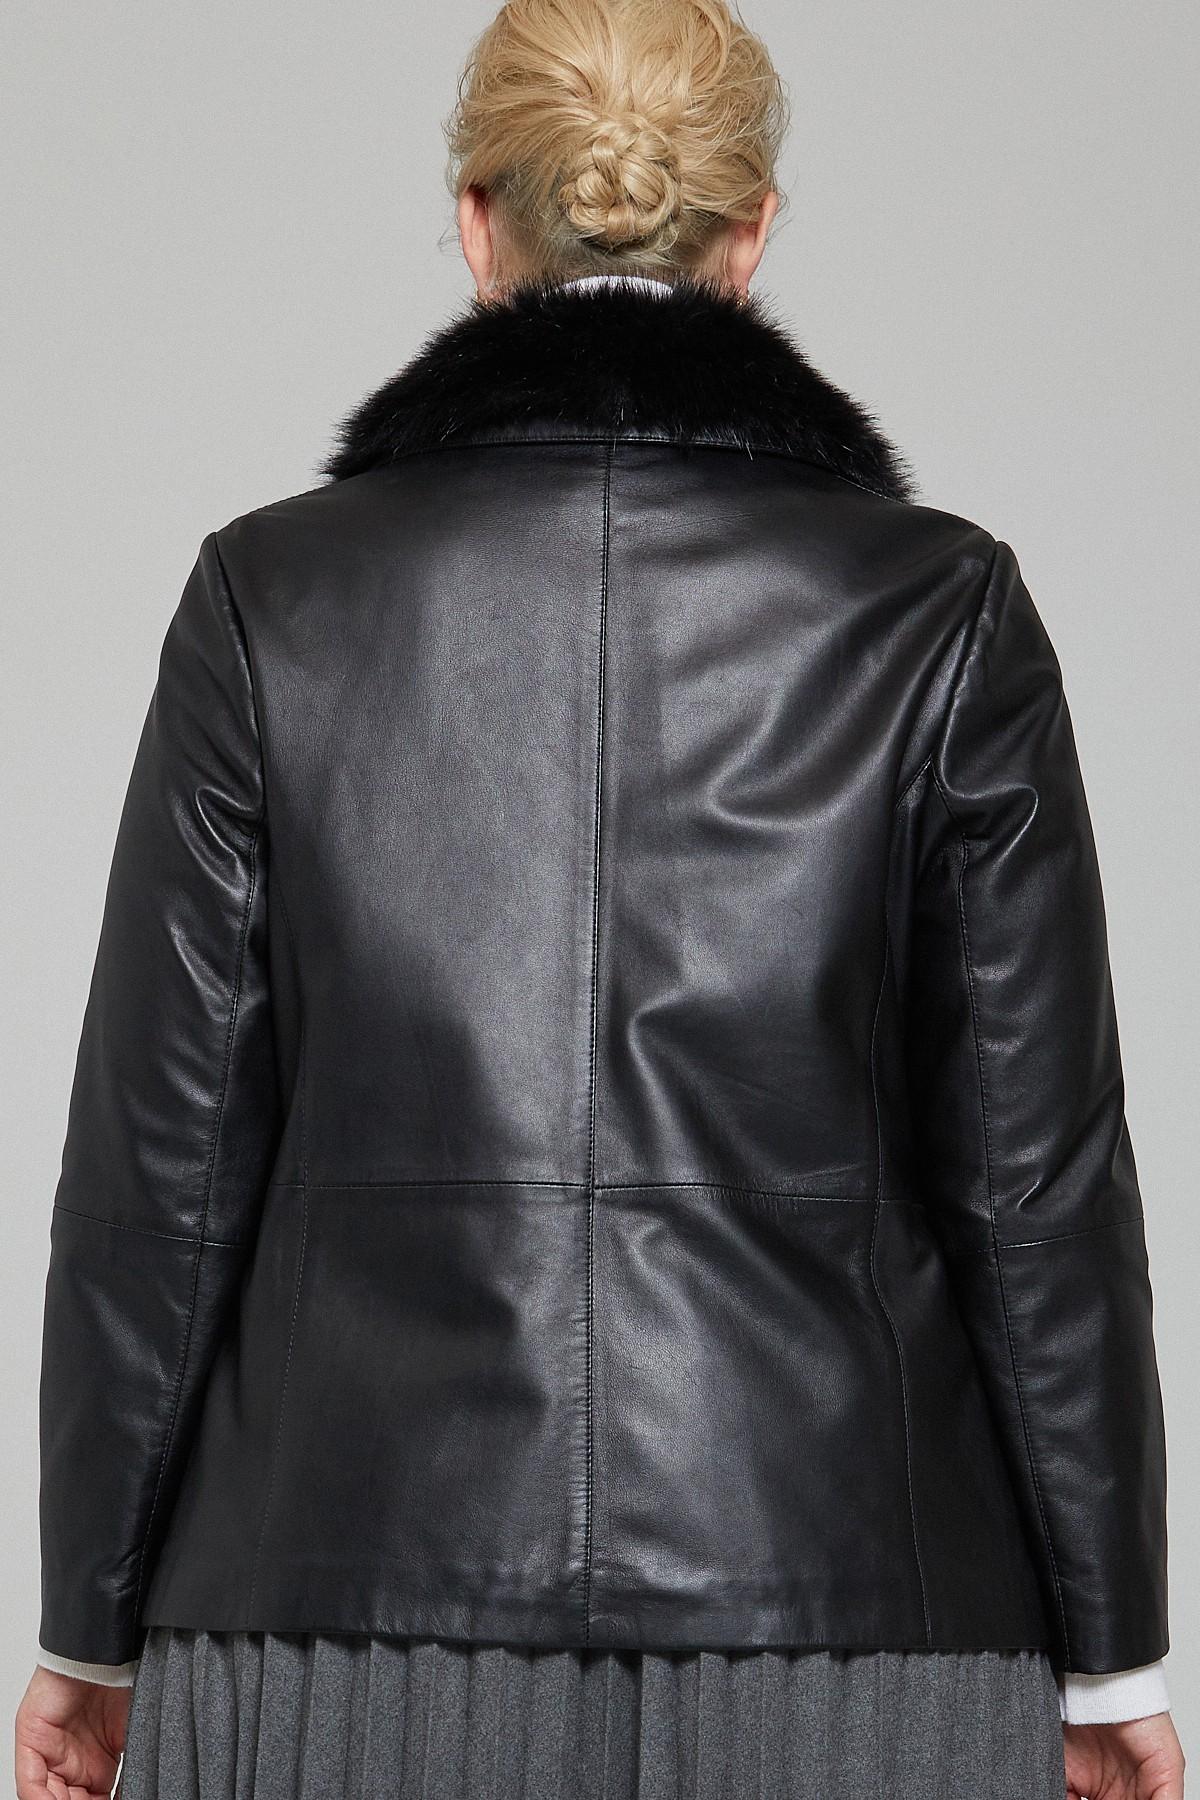 Belstaff Racer Leather Jacket